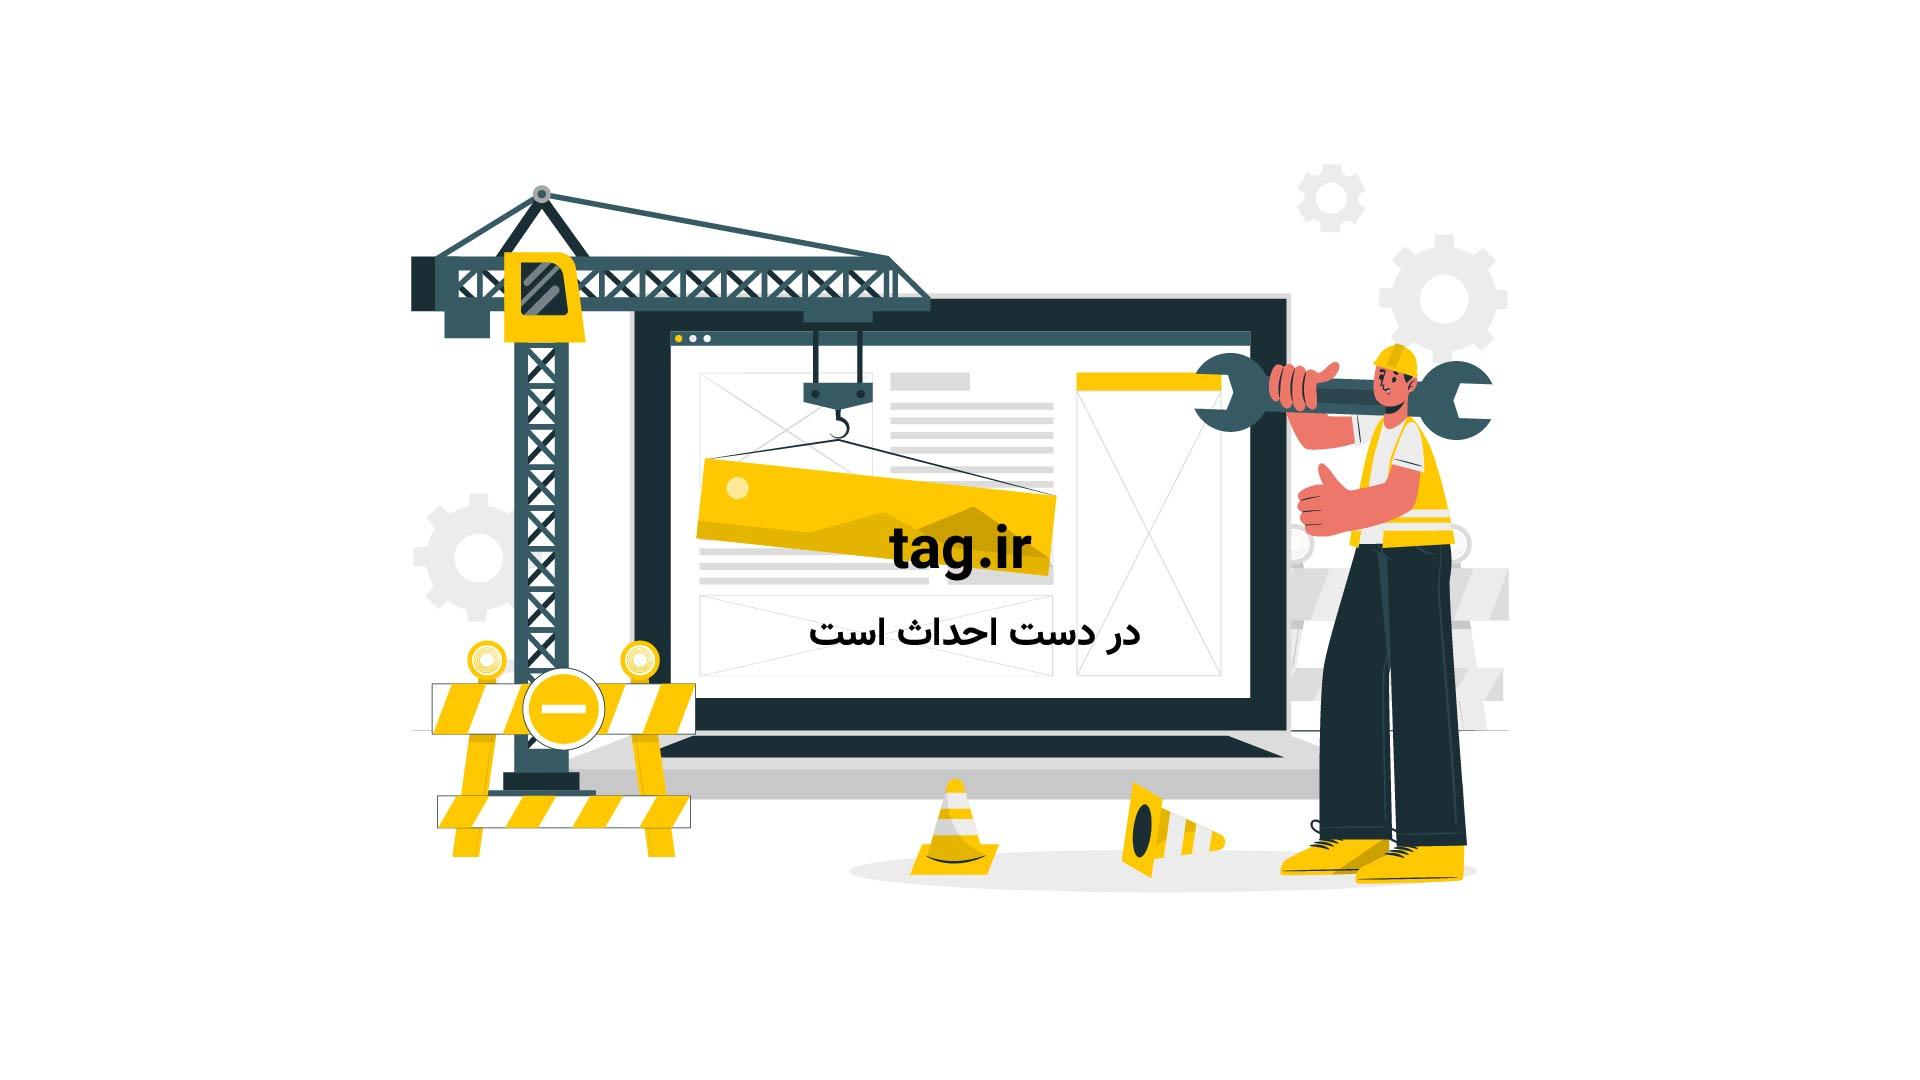 فیلم گل فرانکو وازکز به رئال مادرید در سوپر کاپ اروپا